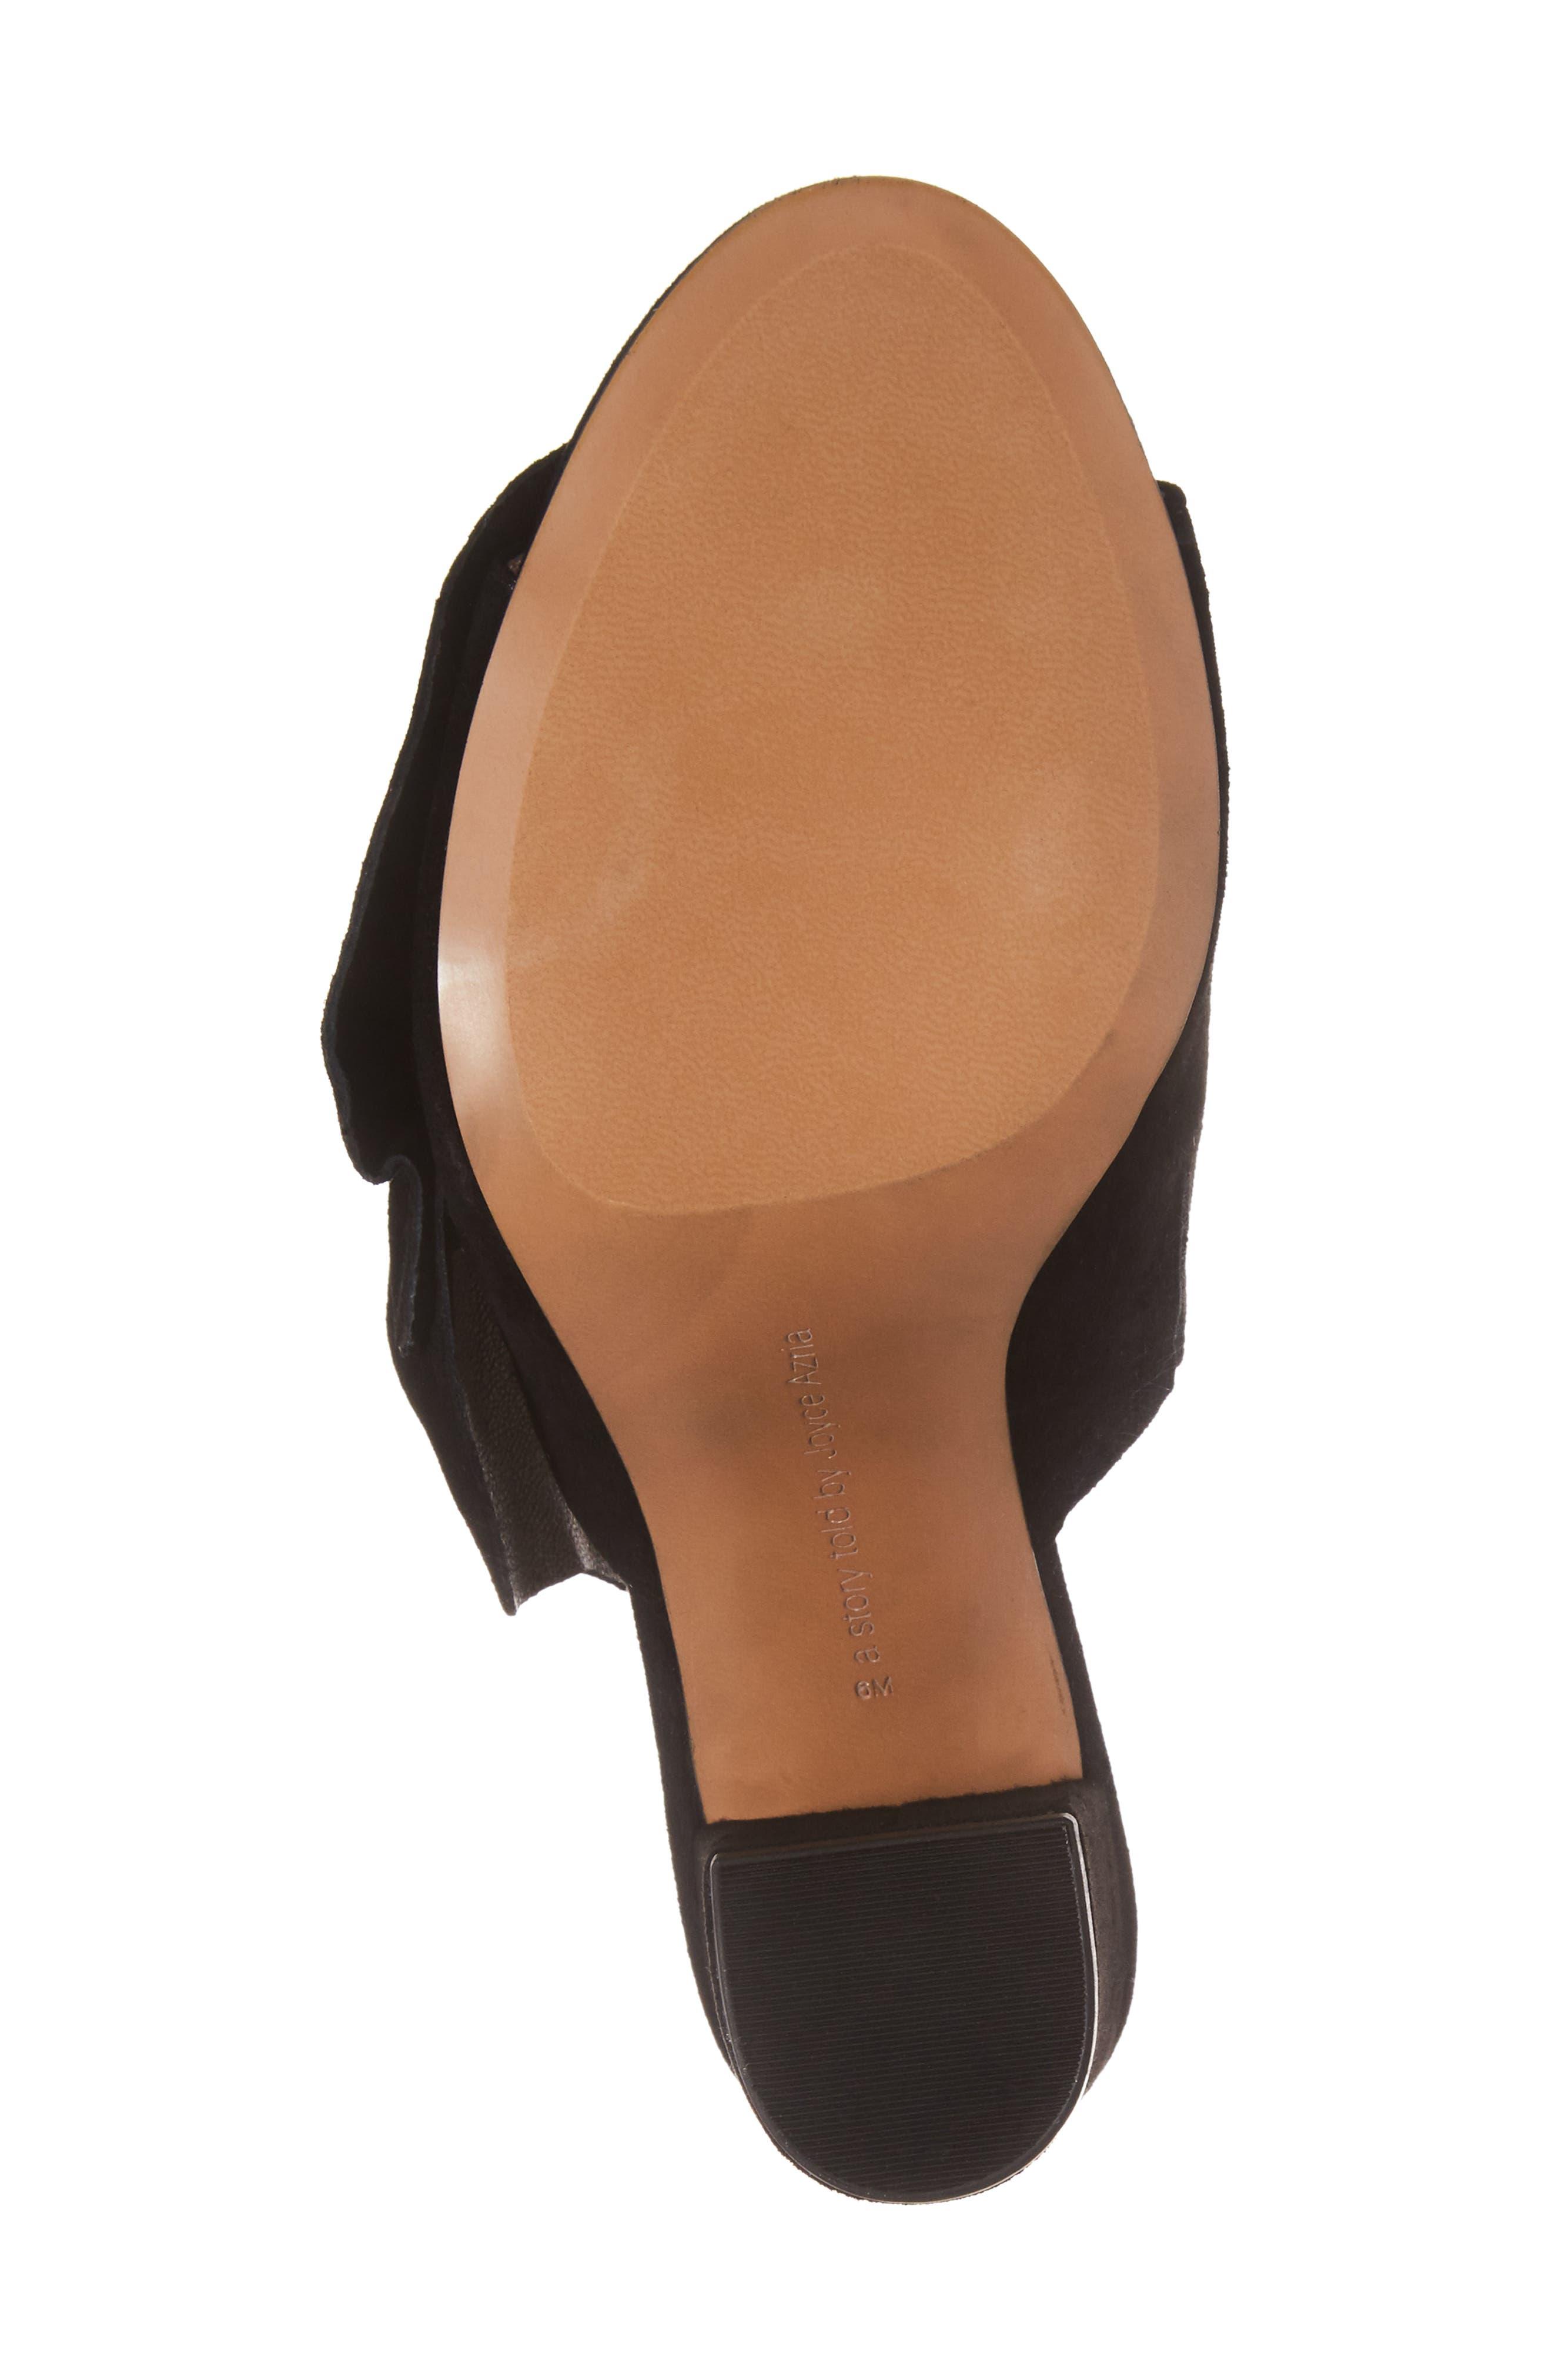 Marie Bow Slide Sandal,                             Alternate thumbnail 6, color,                             002